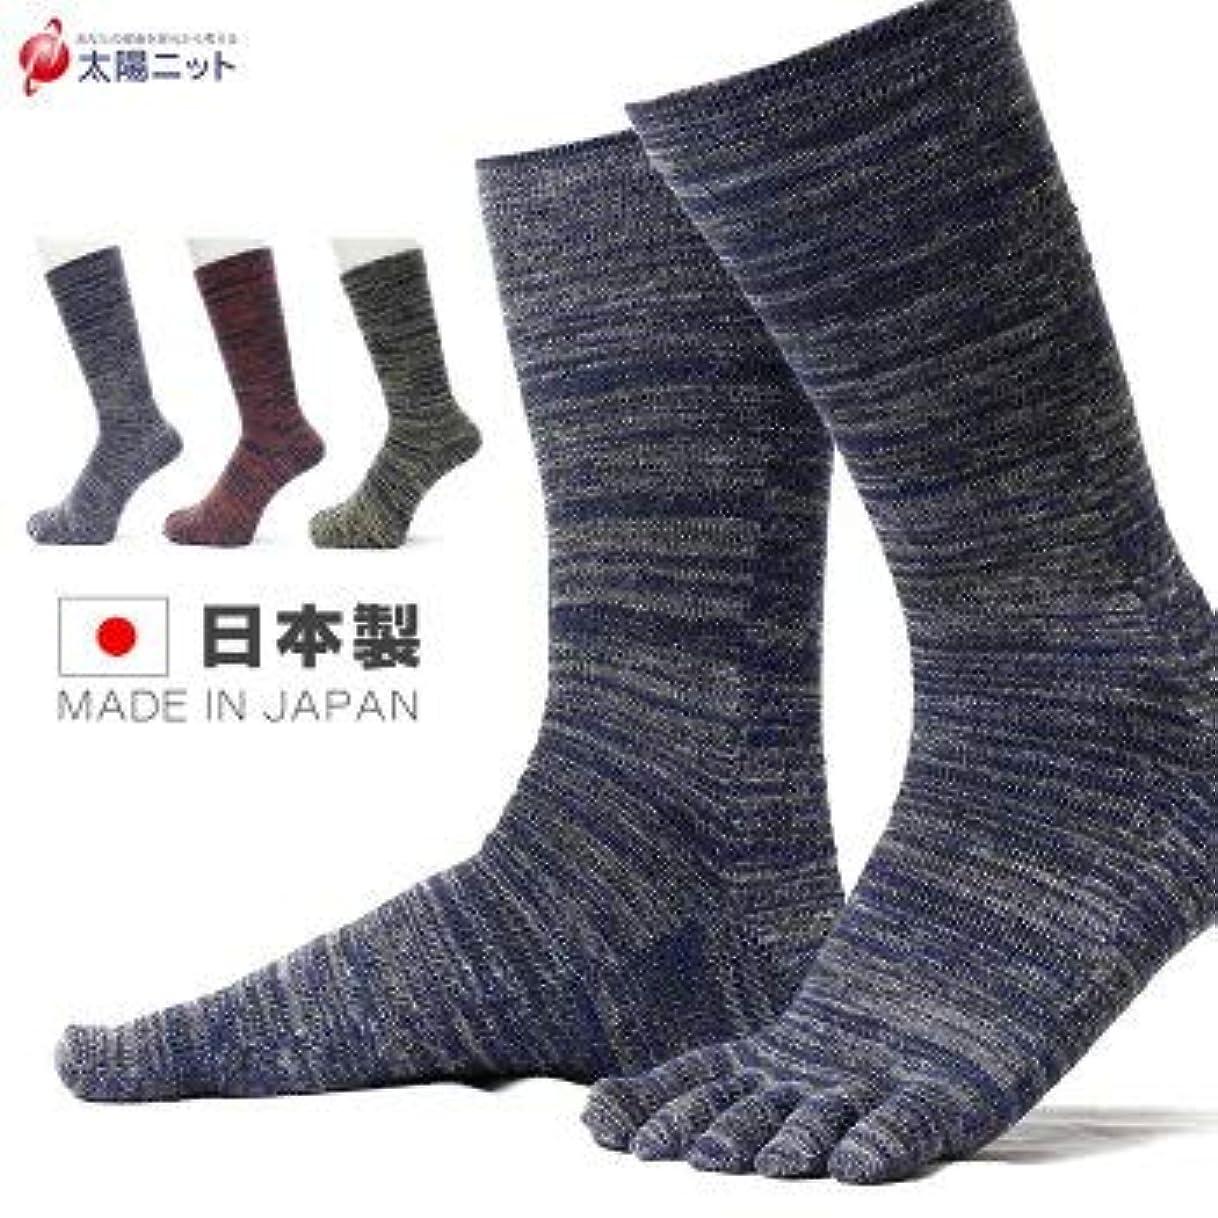 達成する真似る科学的靴下職人のこだわり メンズ スラブ調 5本指靴下 25-27㎝ 太陽ニット 366 (ネイビー)